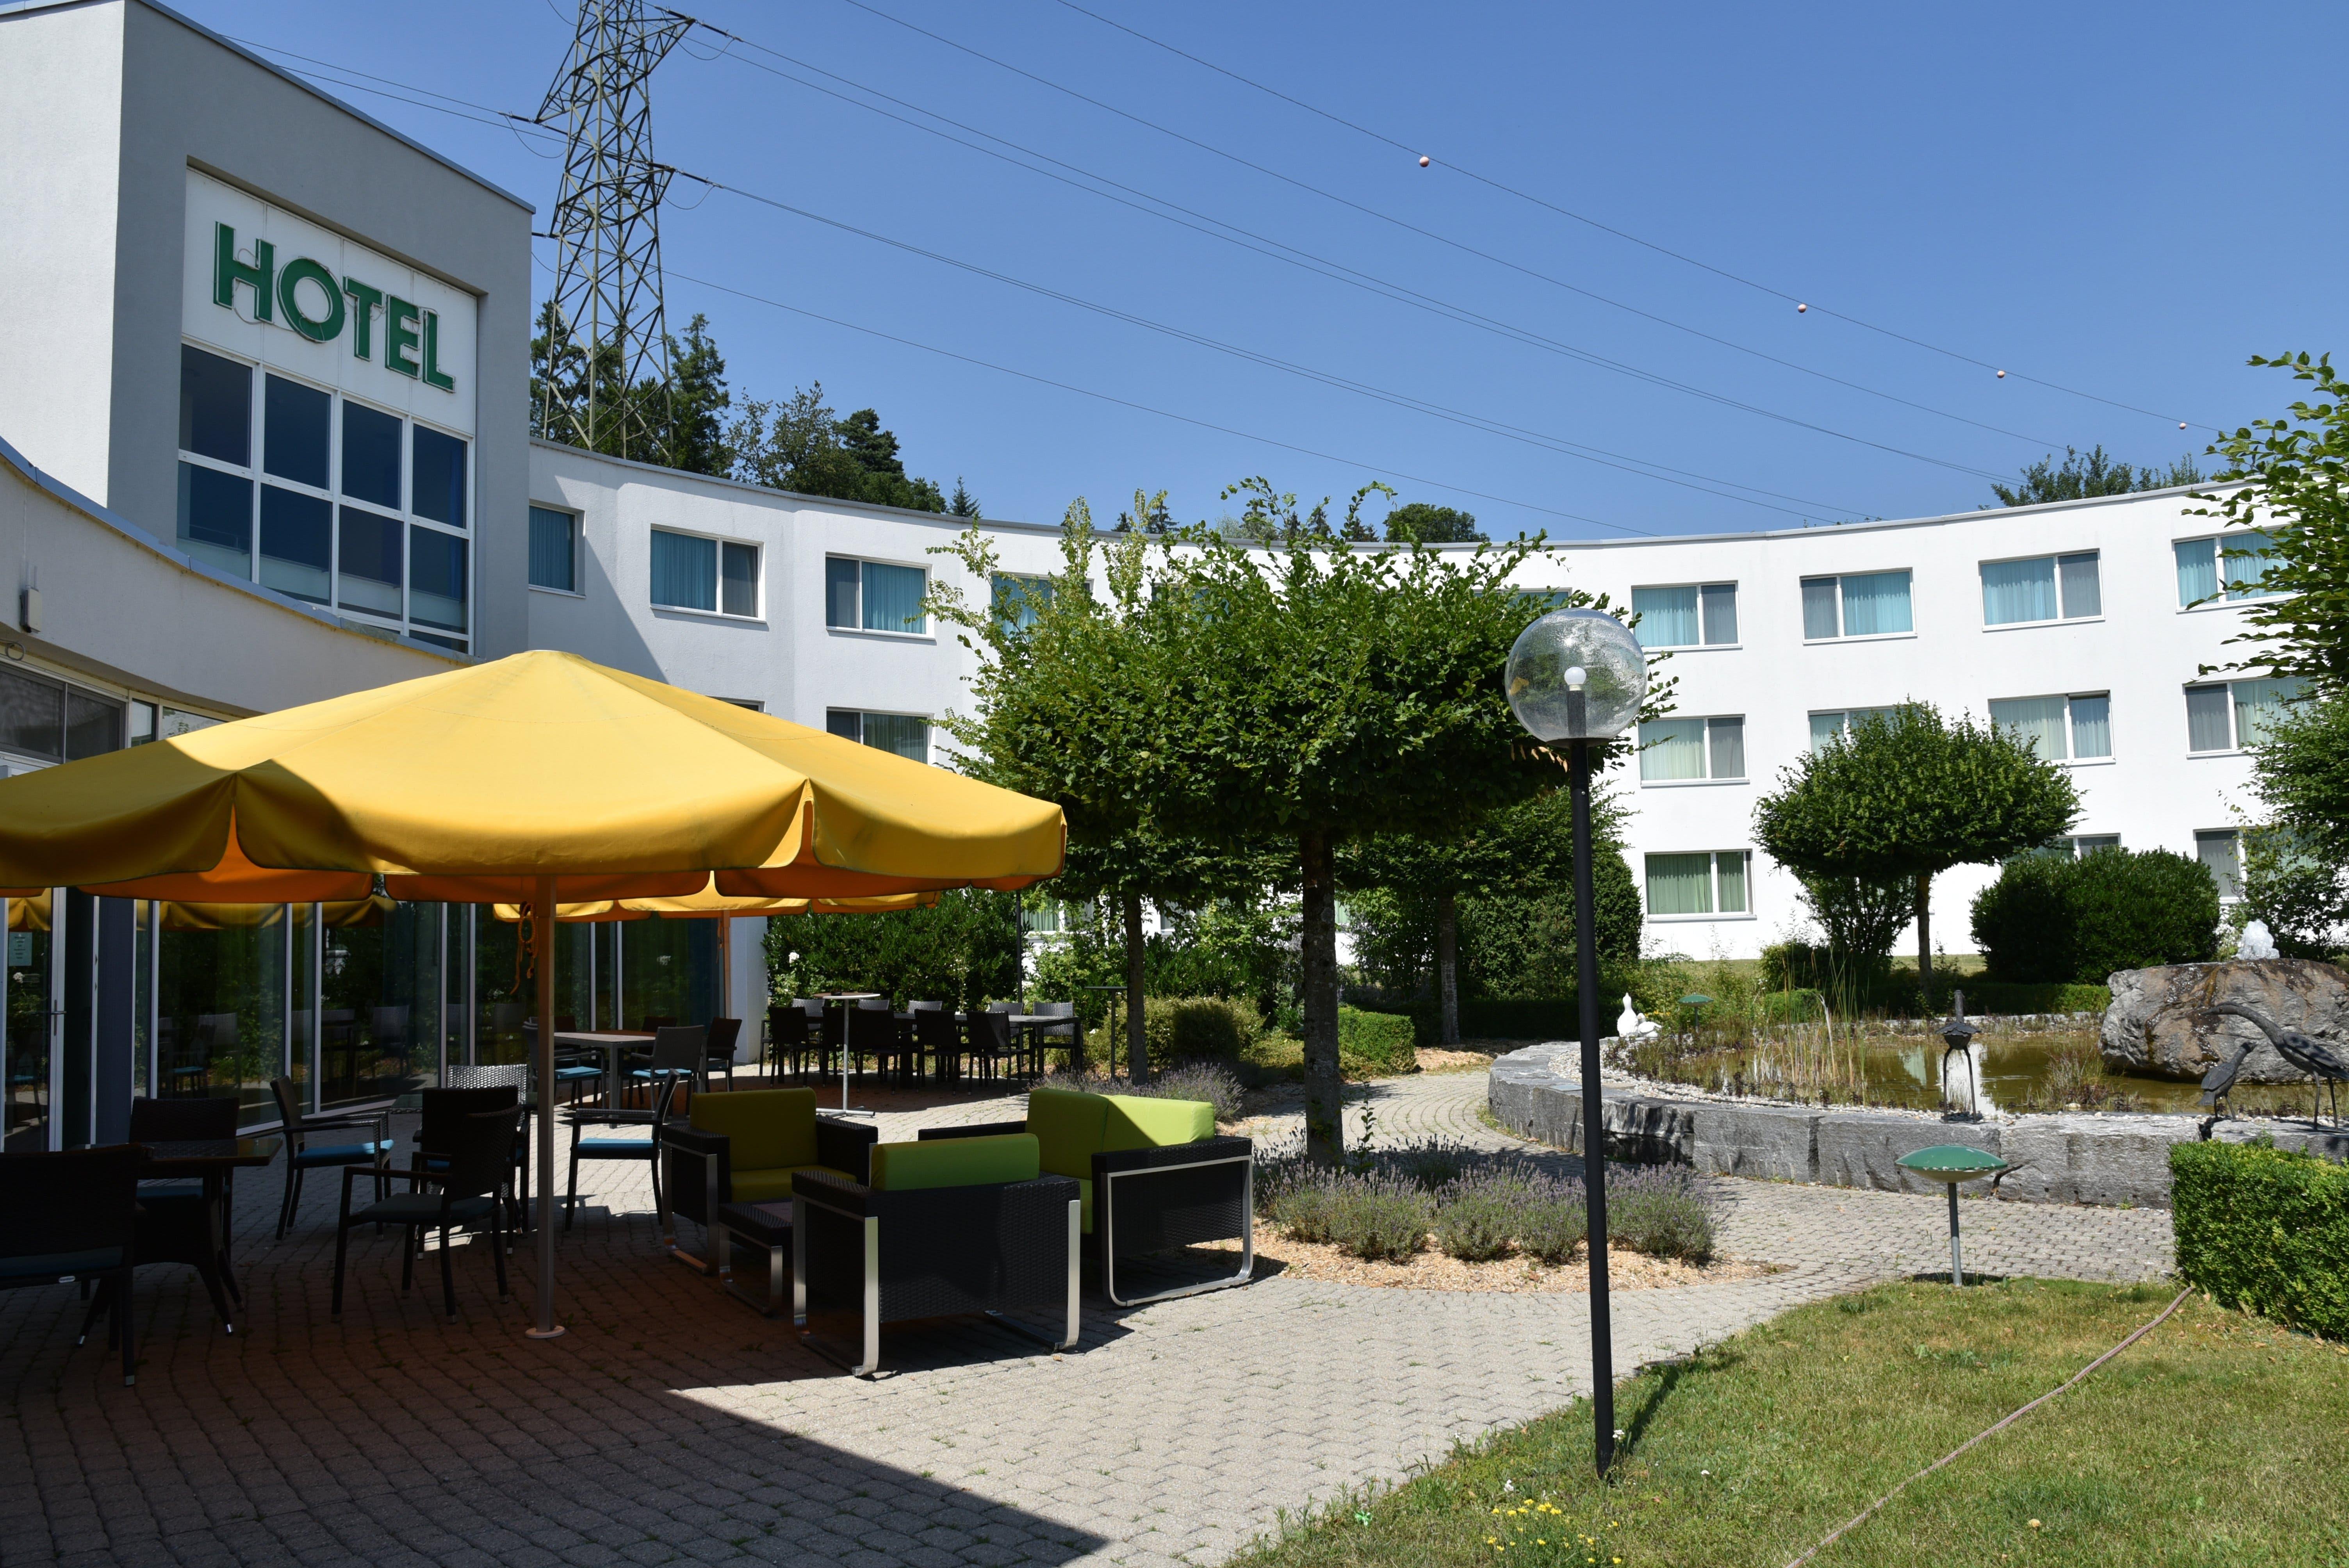 Zur Raststätte Grauholz gehören verschiedene Betriebe. Darunter auch ein Hotel.